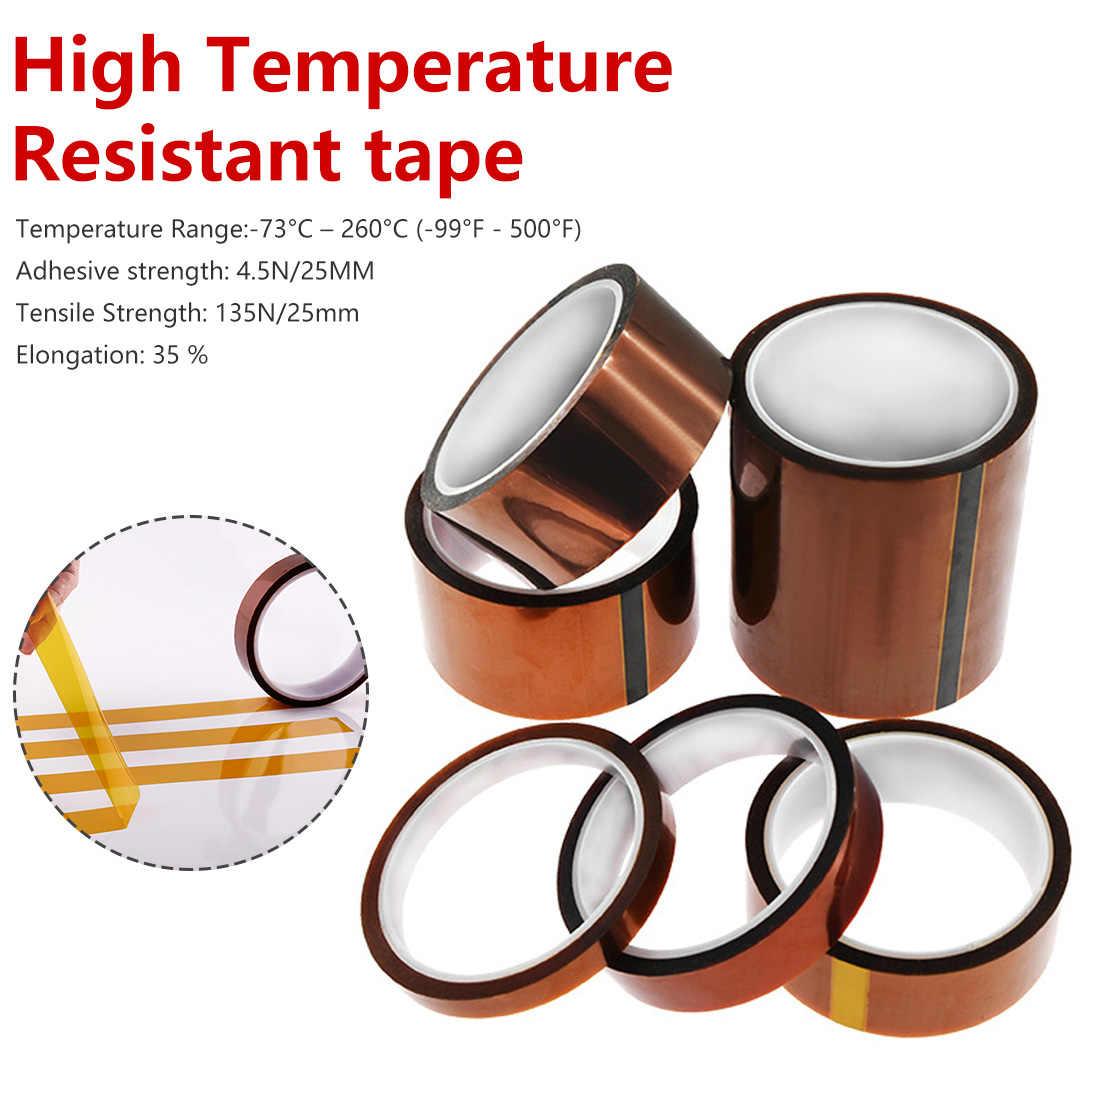 Высокая Температура устойчивостью клейкие ленты тепла посвящена 8 10 15 20 25 30 35, 40 50 100 мм для 3d принтом полиимидная лента